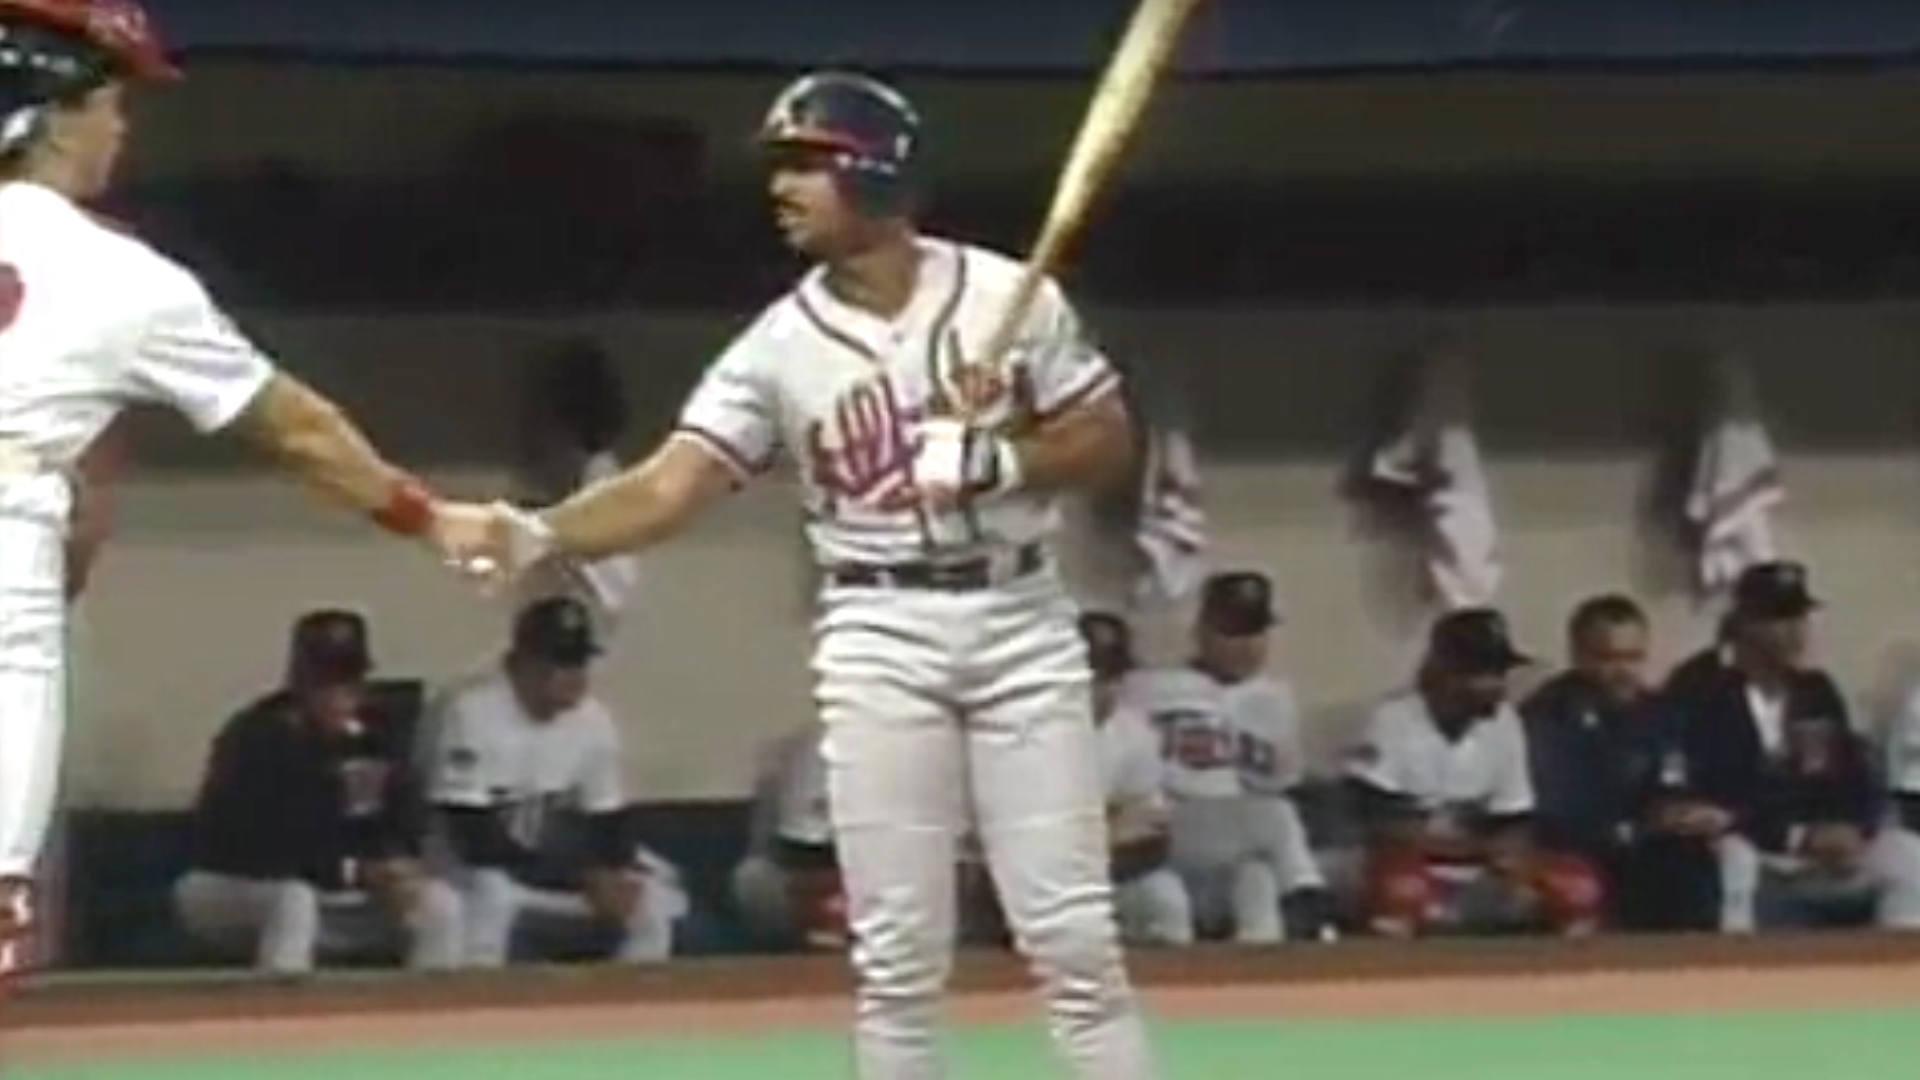 LonnieSmithHandshake-MLB-FTR-102717.jpg